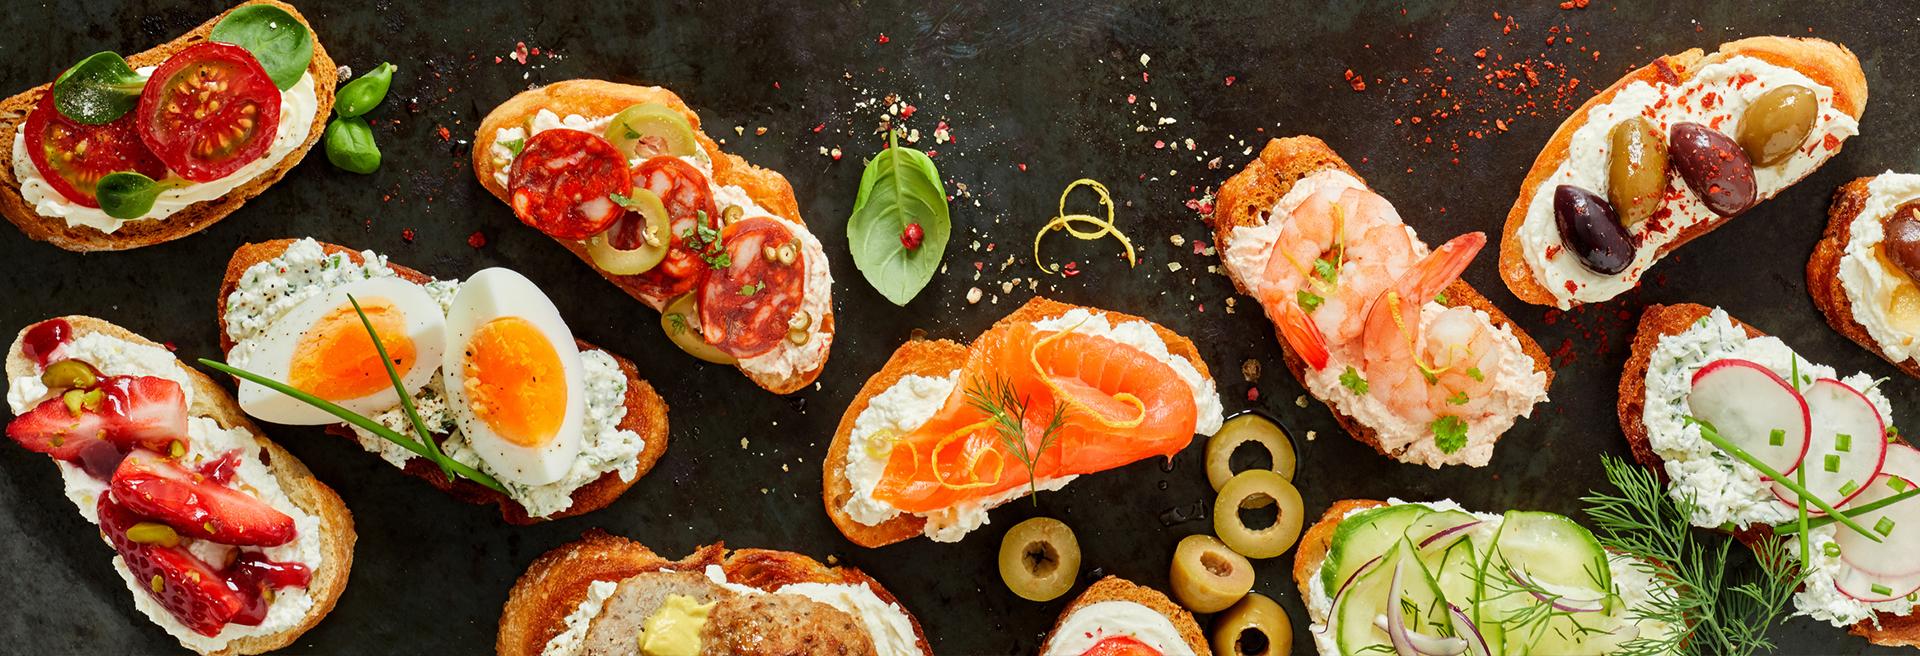 Marietta Cucina Catering